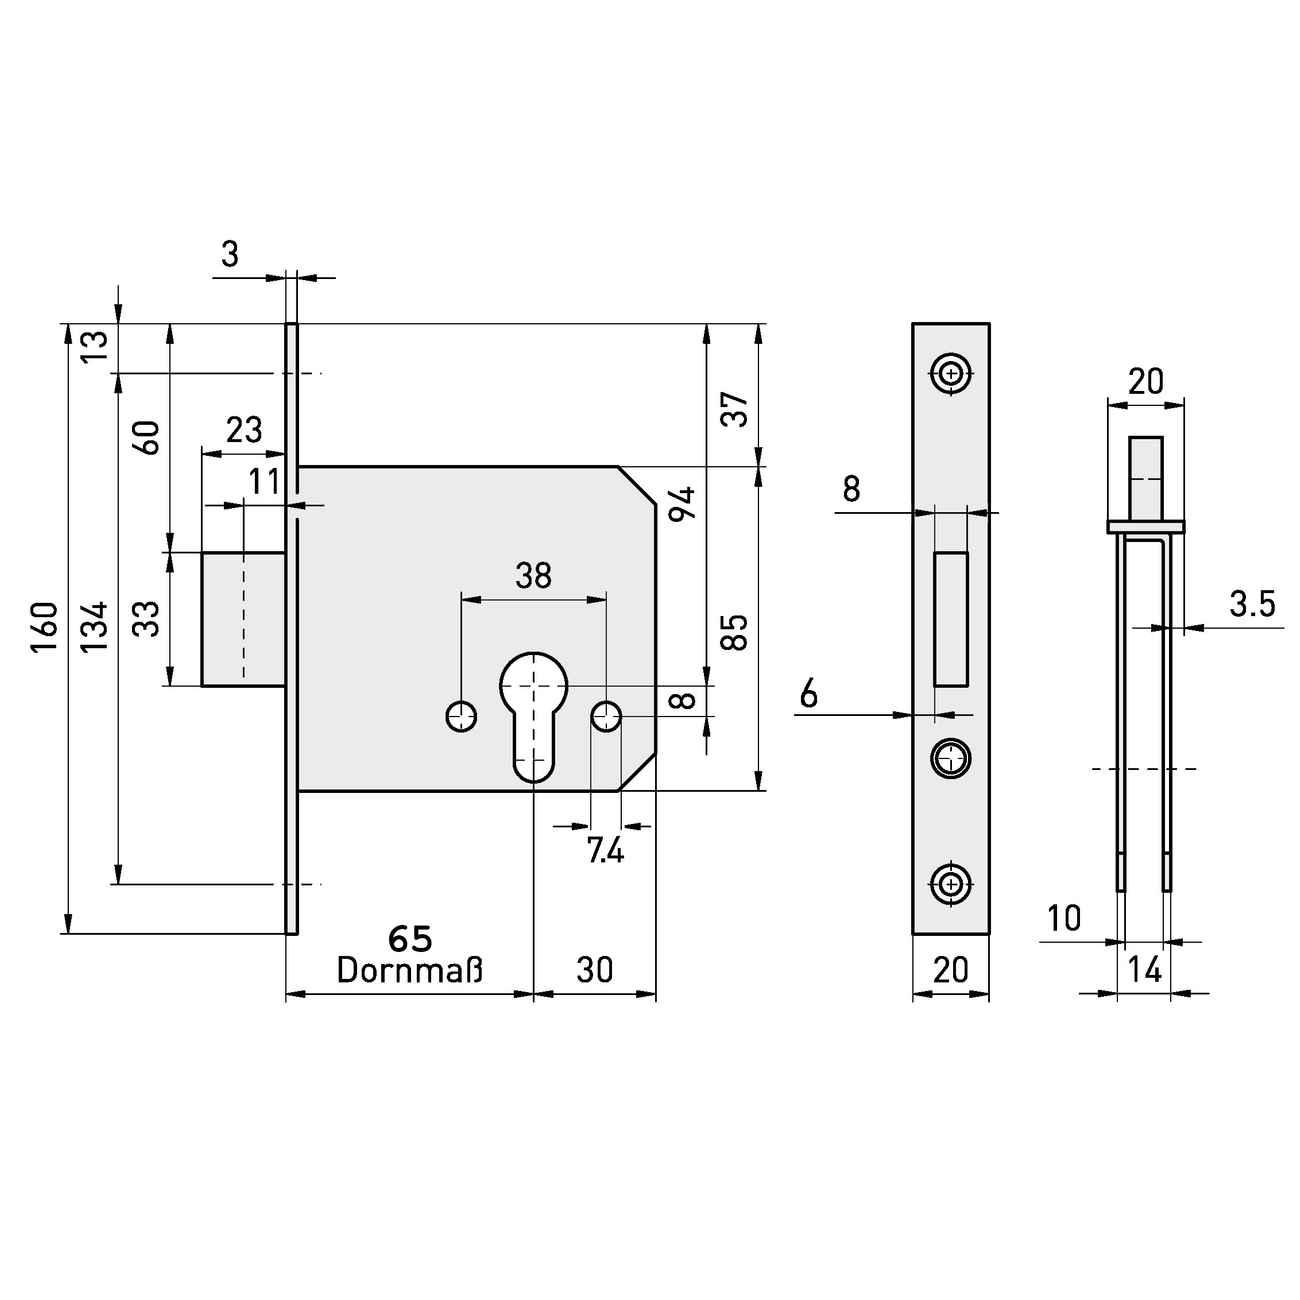 Einsteckriegelschloss PZ Edelstahl-Stulp 20 x 160 mm Dornmaß 65 – Bild 3